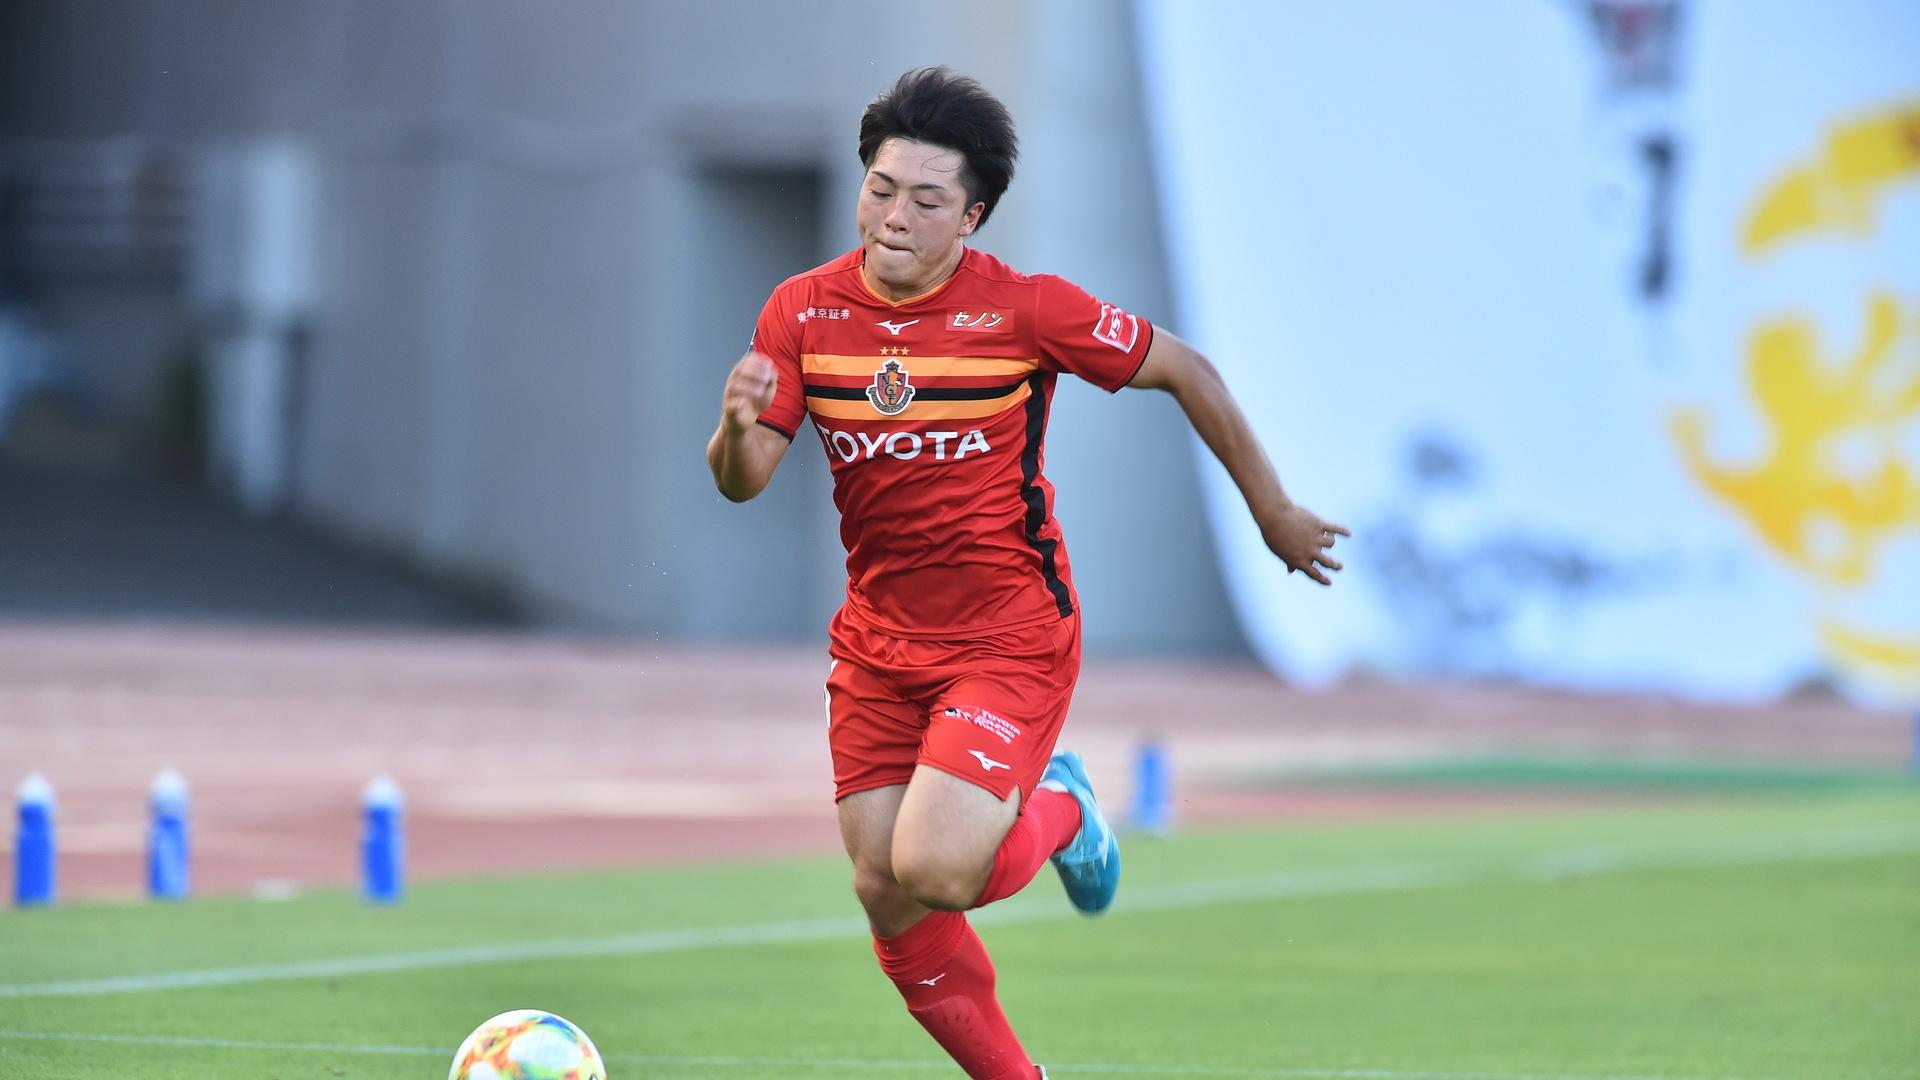 名古屋MF相馬勇紀、期限付き移籍で鹿島へ「さらに成長して戻ってきます」 | Goal.com